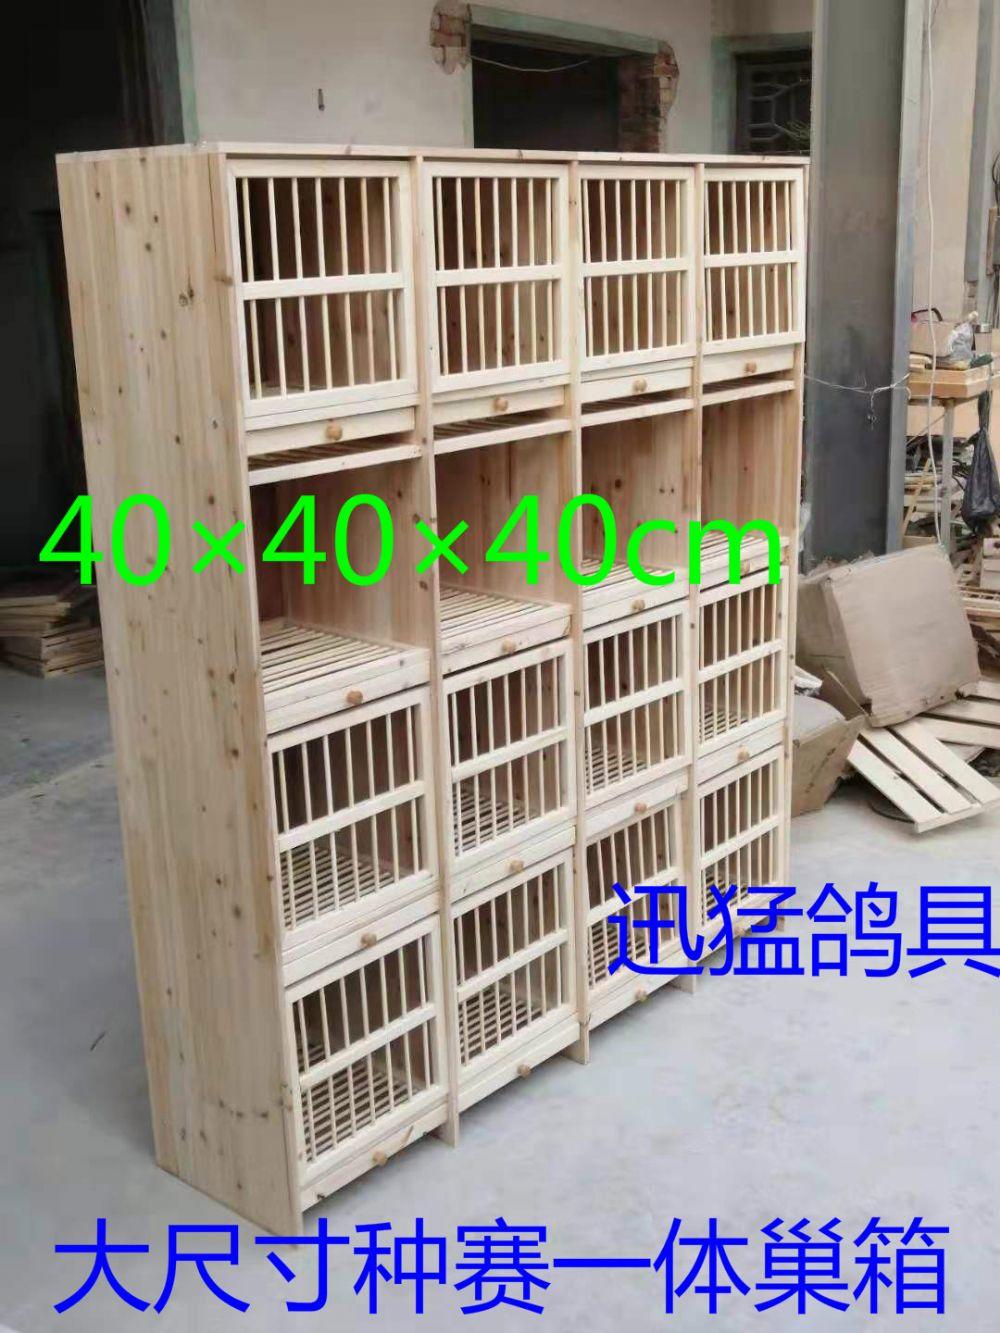 40*40*40cm巢箱 大尺寸组合实木巢箱